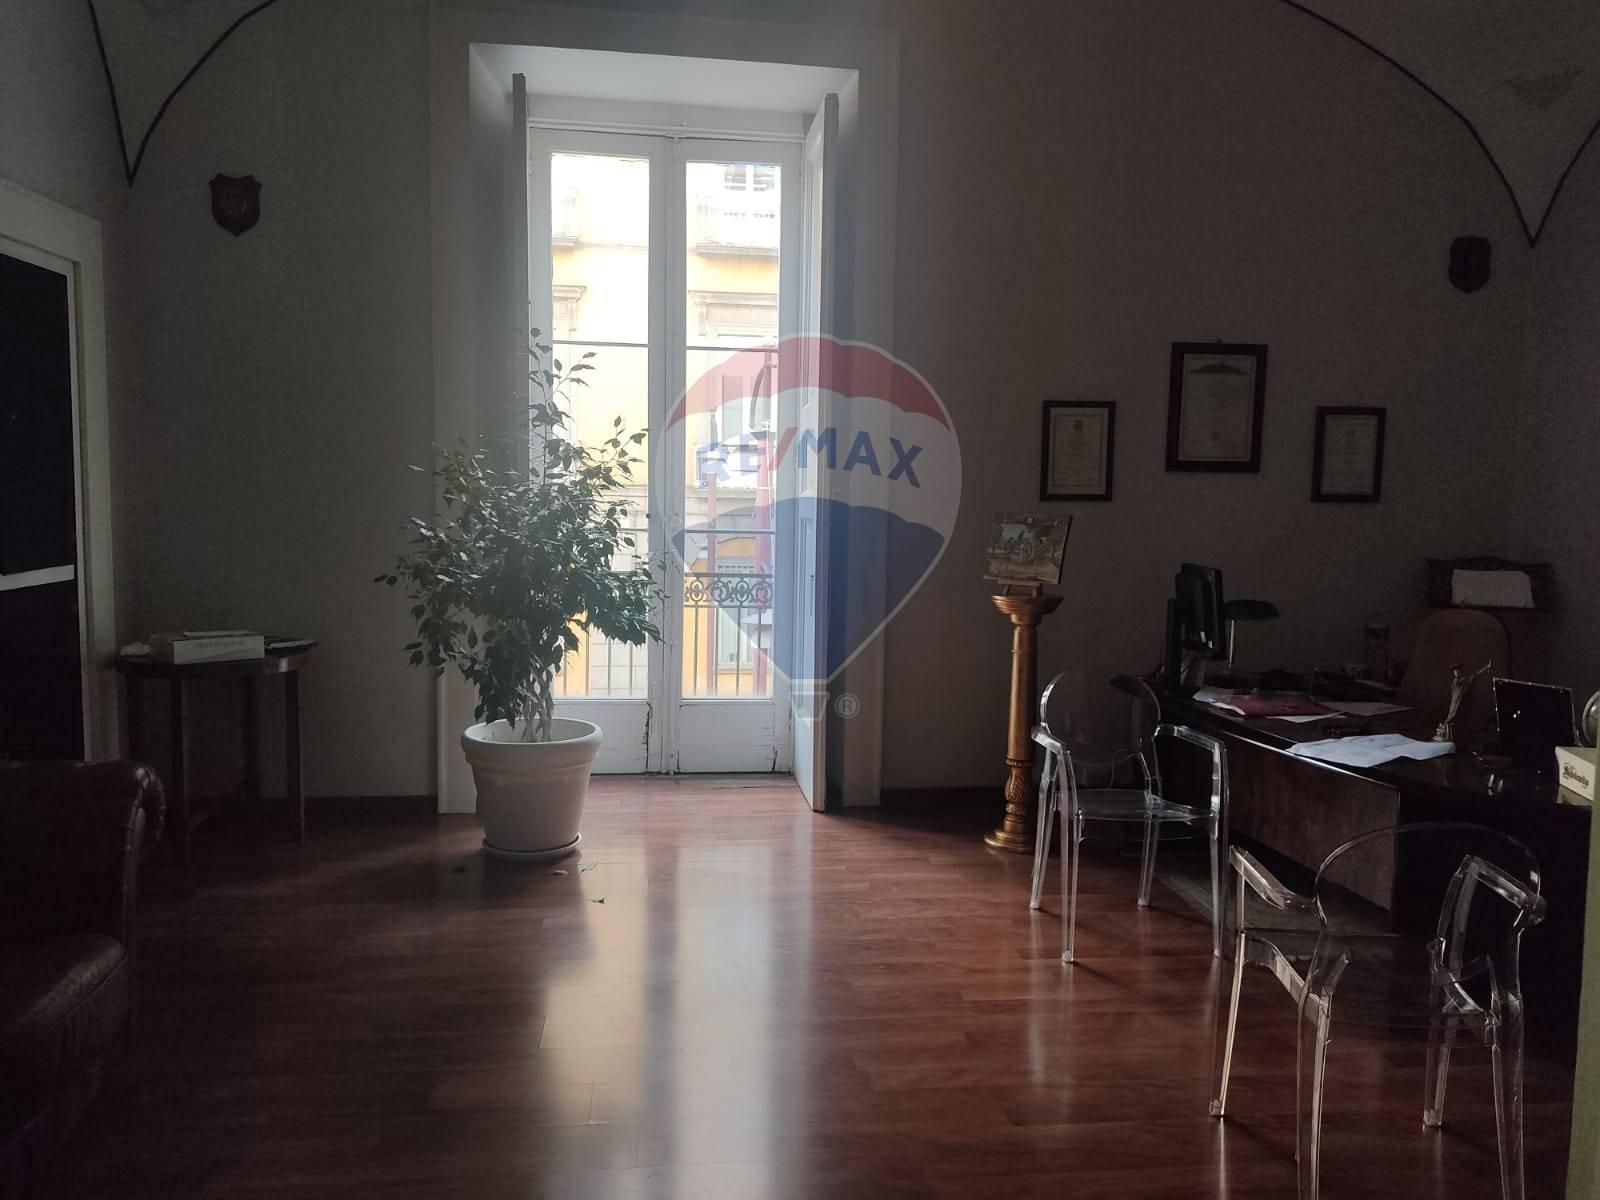 Appartamento in affitto a Caserta, 4 locali, zona Zona: Centro, prezzo € 700 | CambioCasa.it